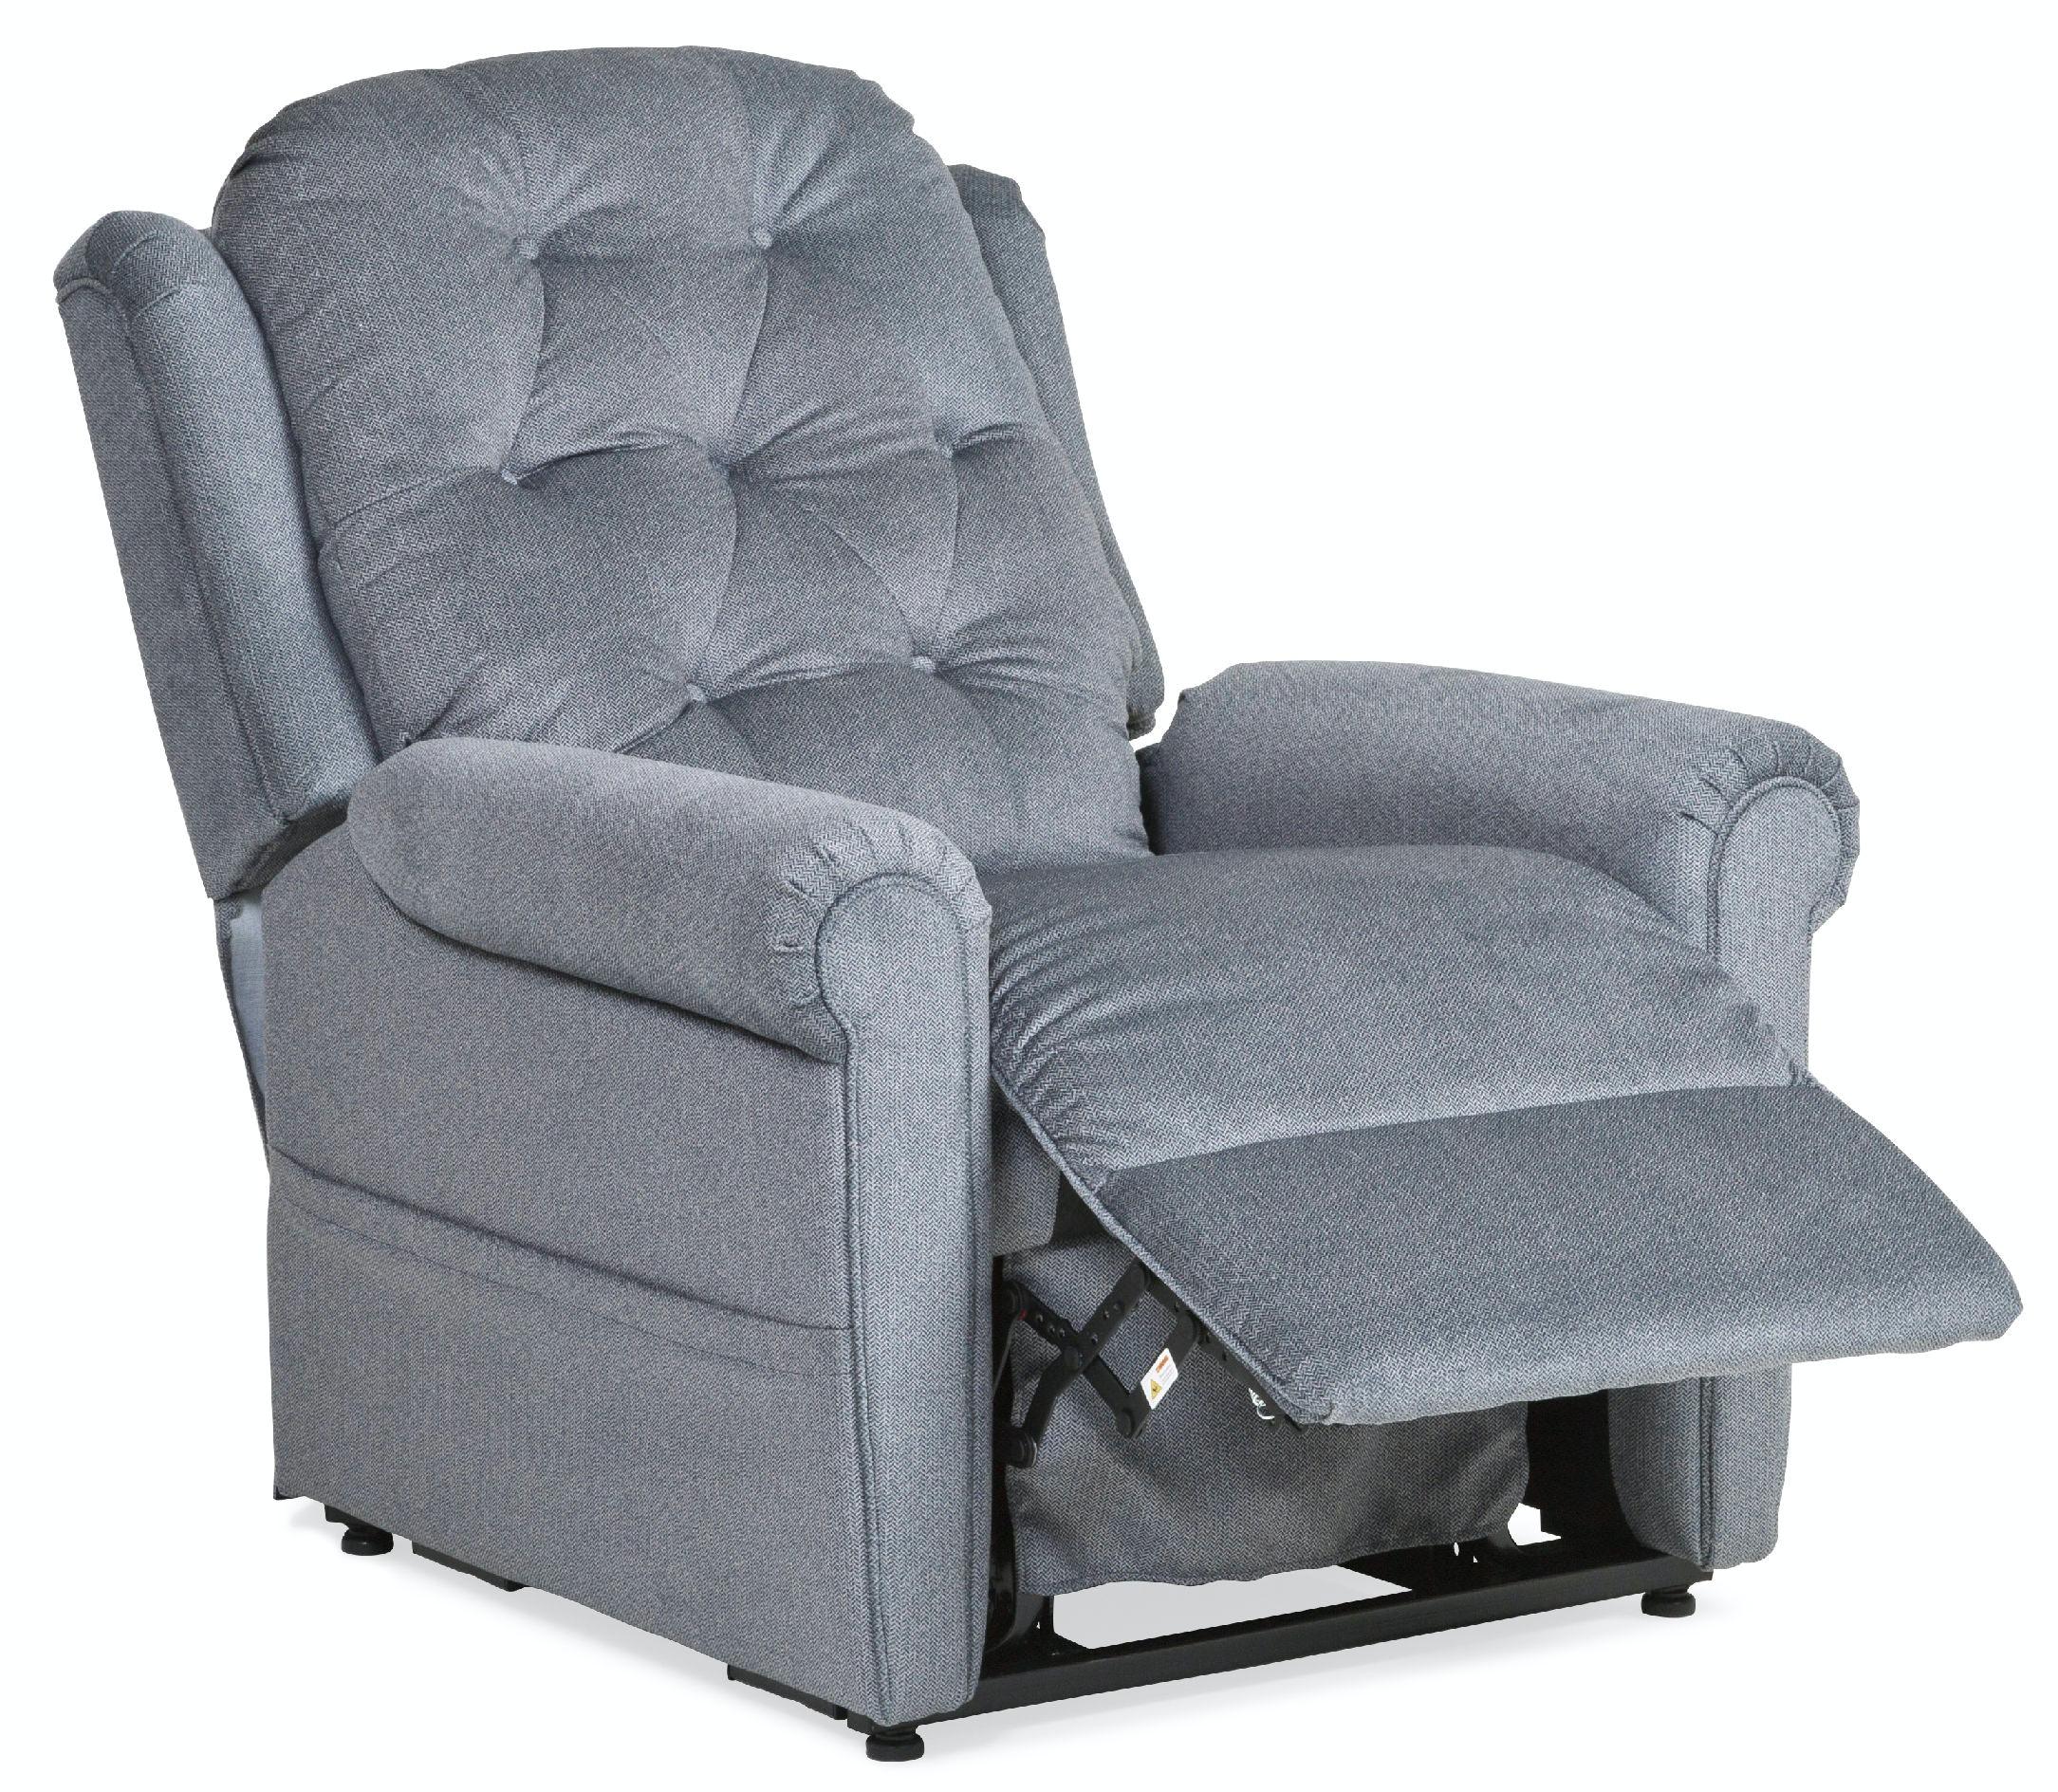 Dora Lift Chair Recliner ST460728  sc 1 st  Star Furniture & Living Room Dora Lift Chair Recliner islam-shia.org